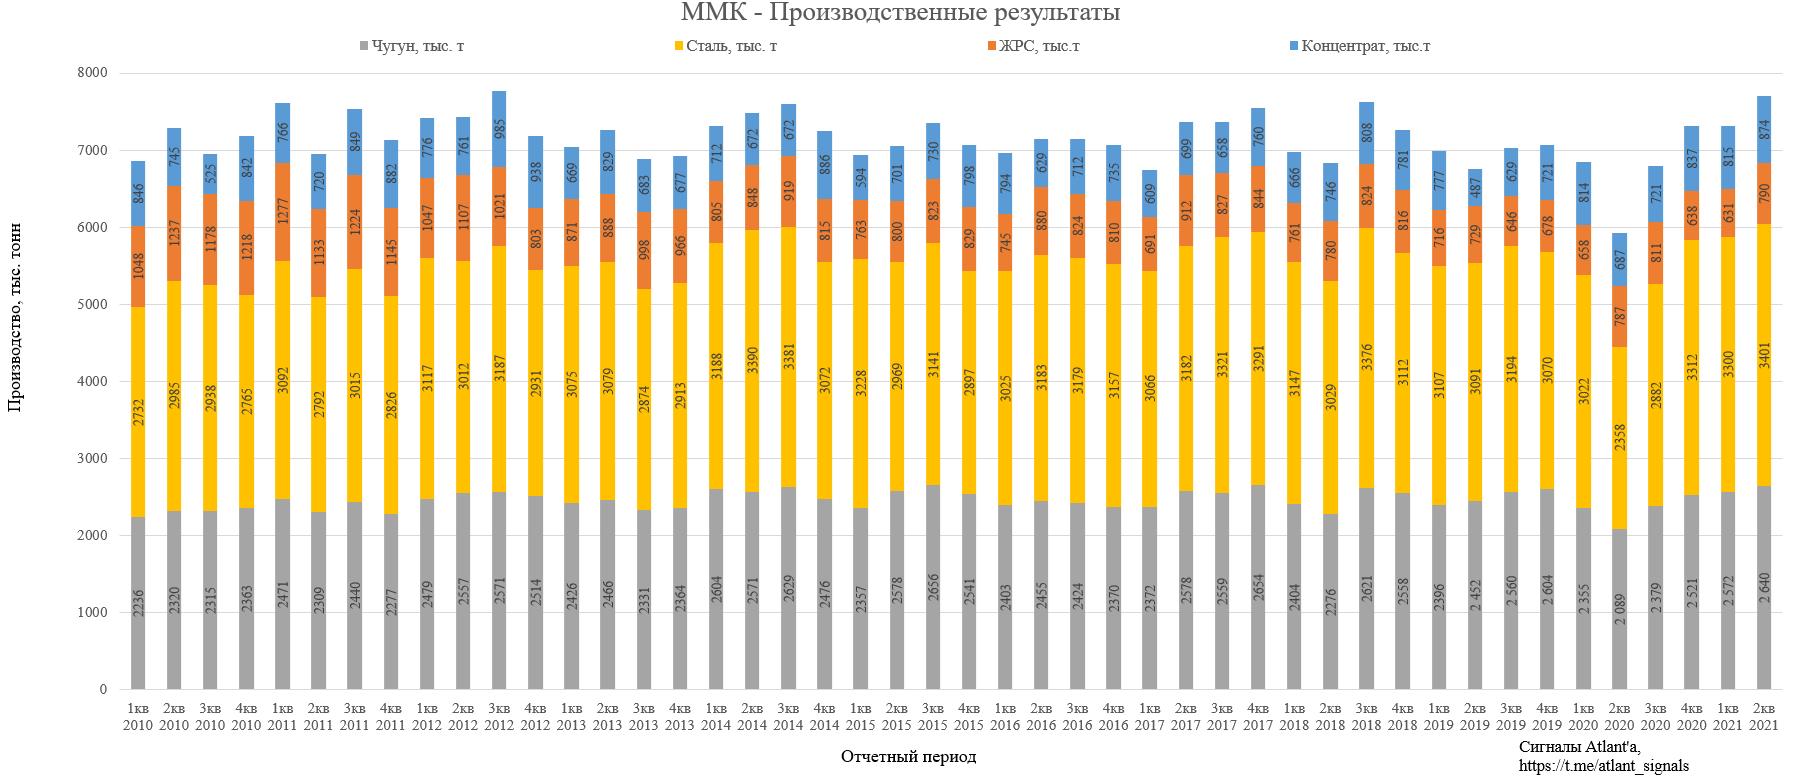 ММК. Обзор операционных показателей за 2-й квартал 2021 года. Прогноз дивидендов и финансовых показателей